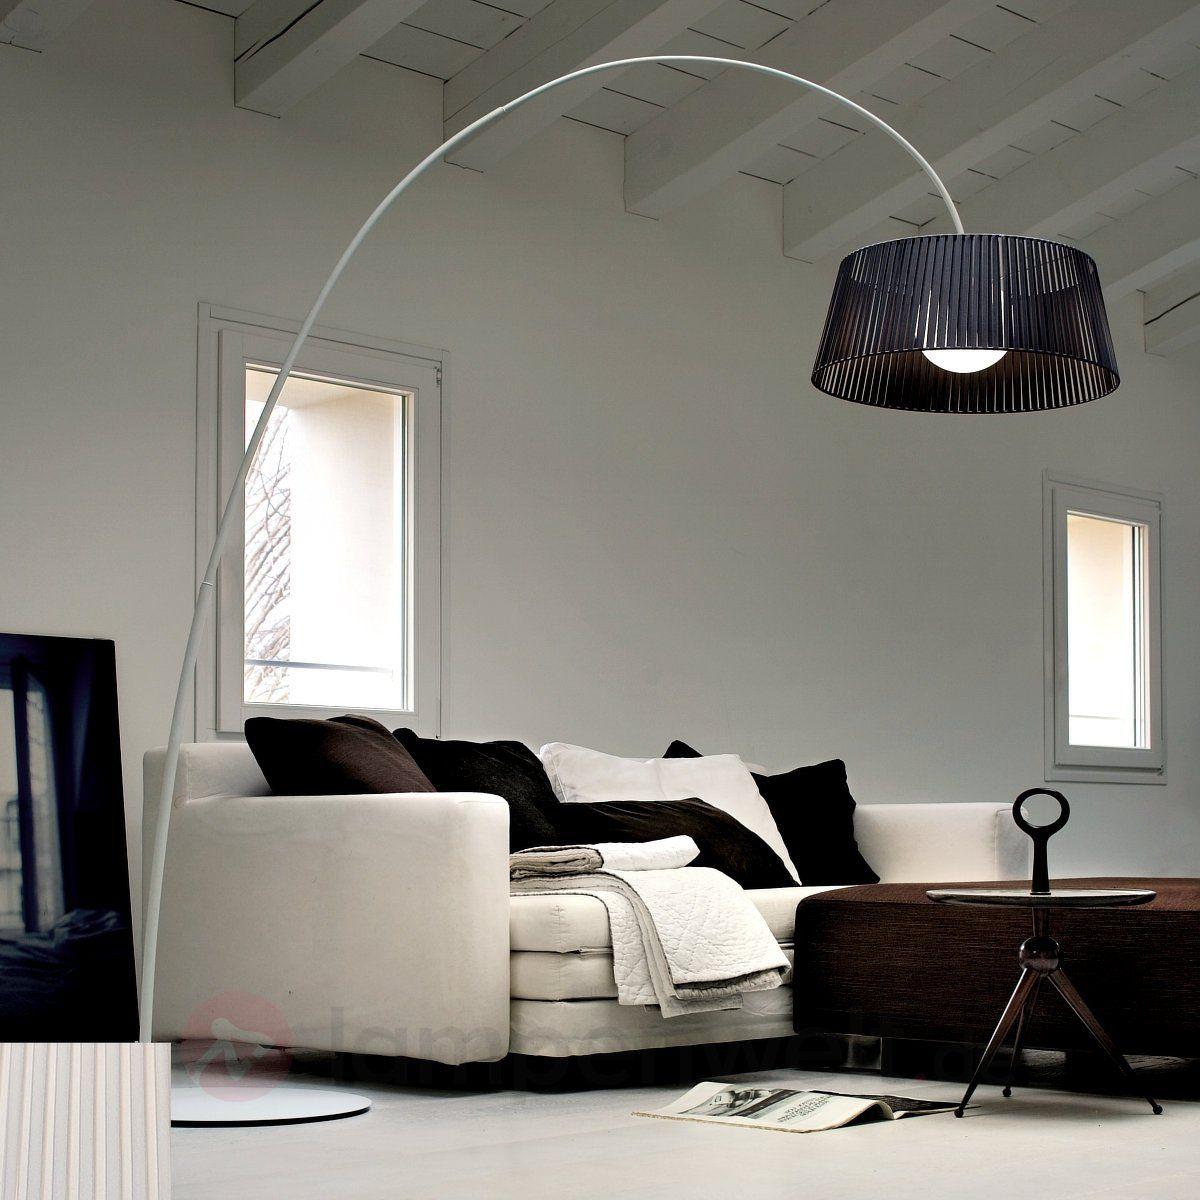 Lampen & Leuchten für Ihr Zuhause  Lampenwelt.de  Bogen